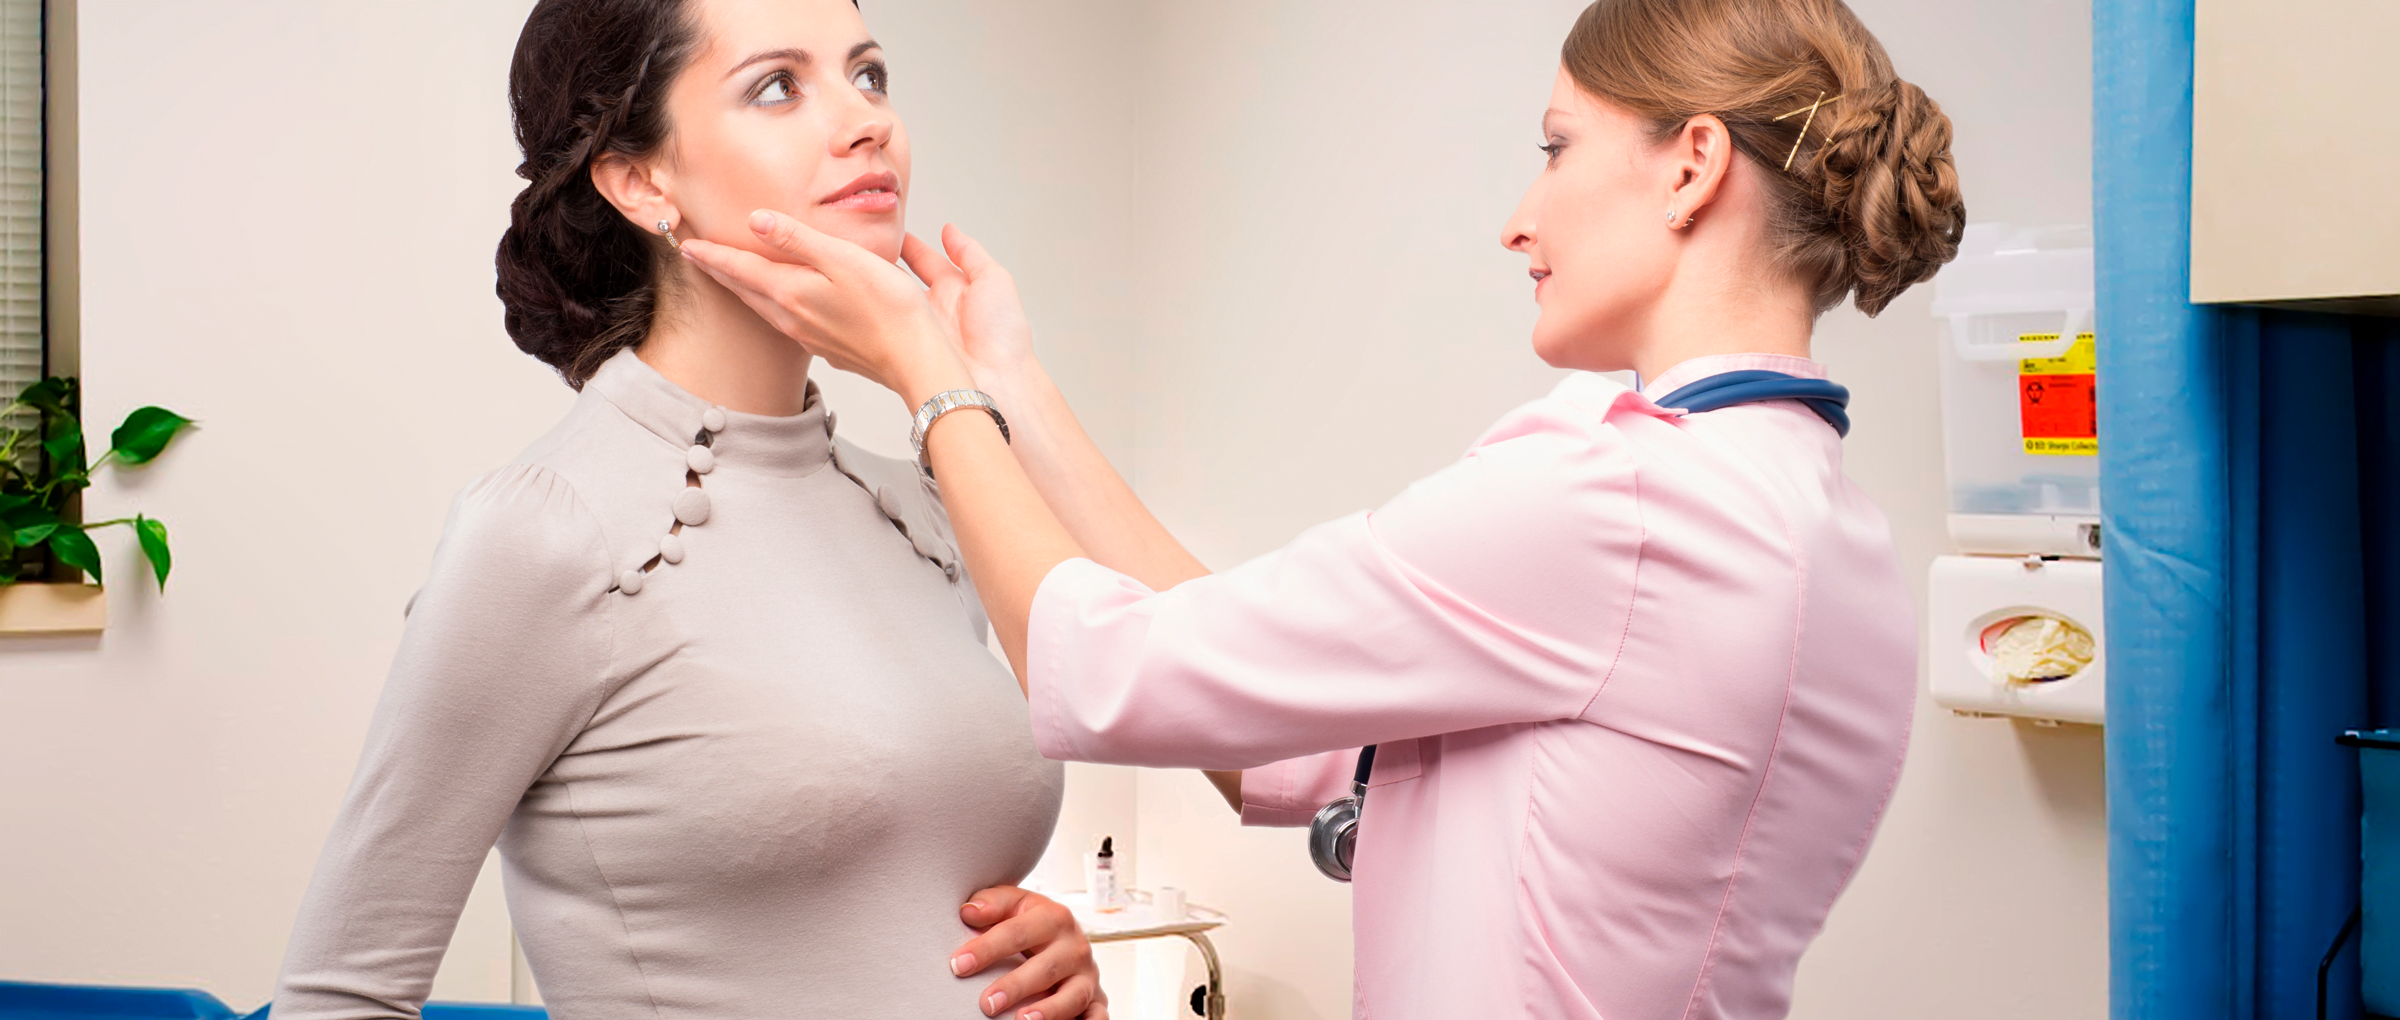 Contrôle de la glande thyroïde pendant la grossesse